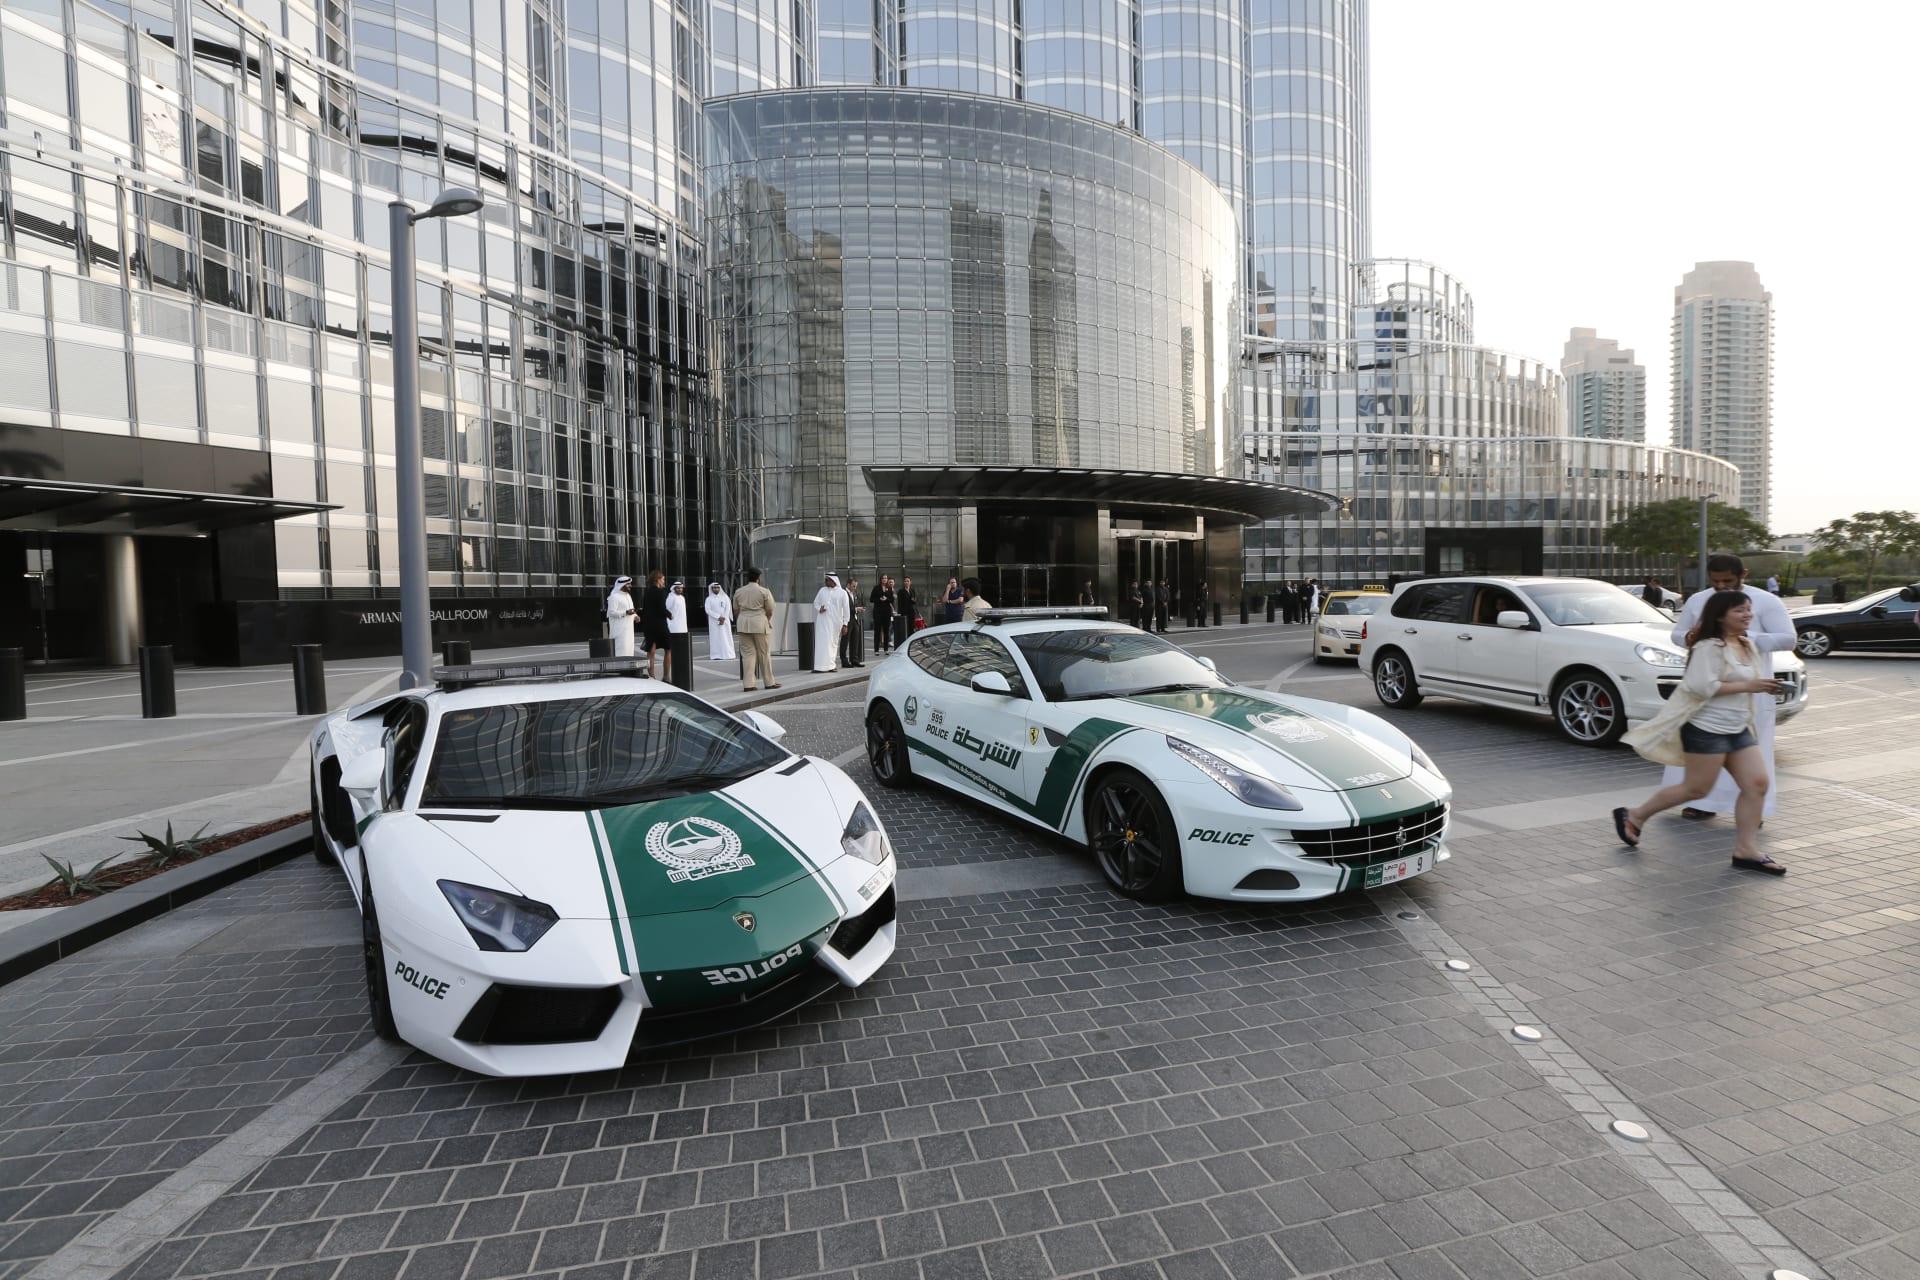 سيارات شرطة دبي